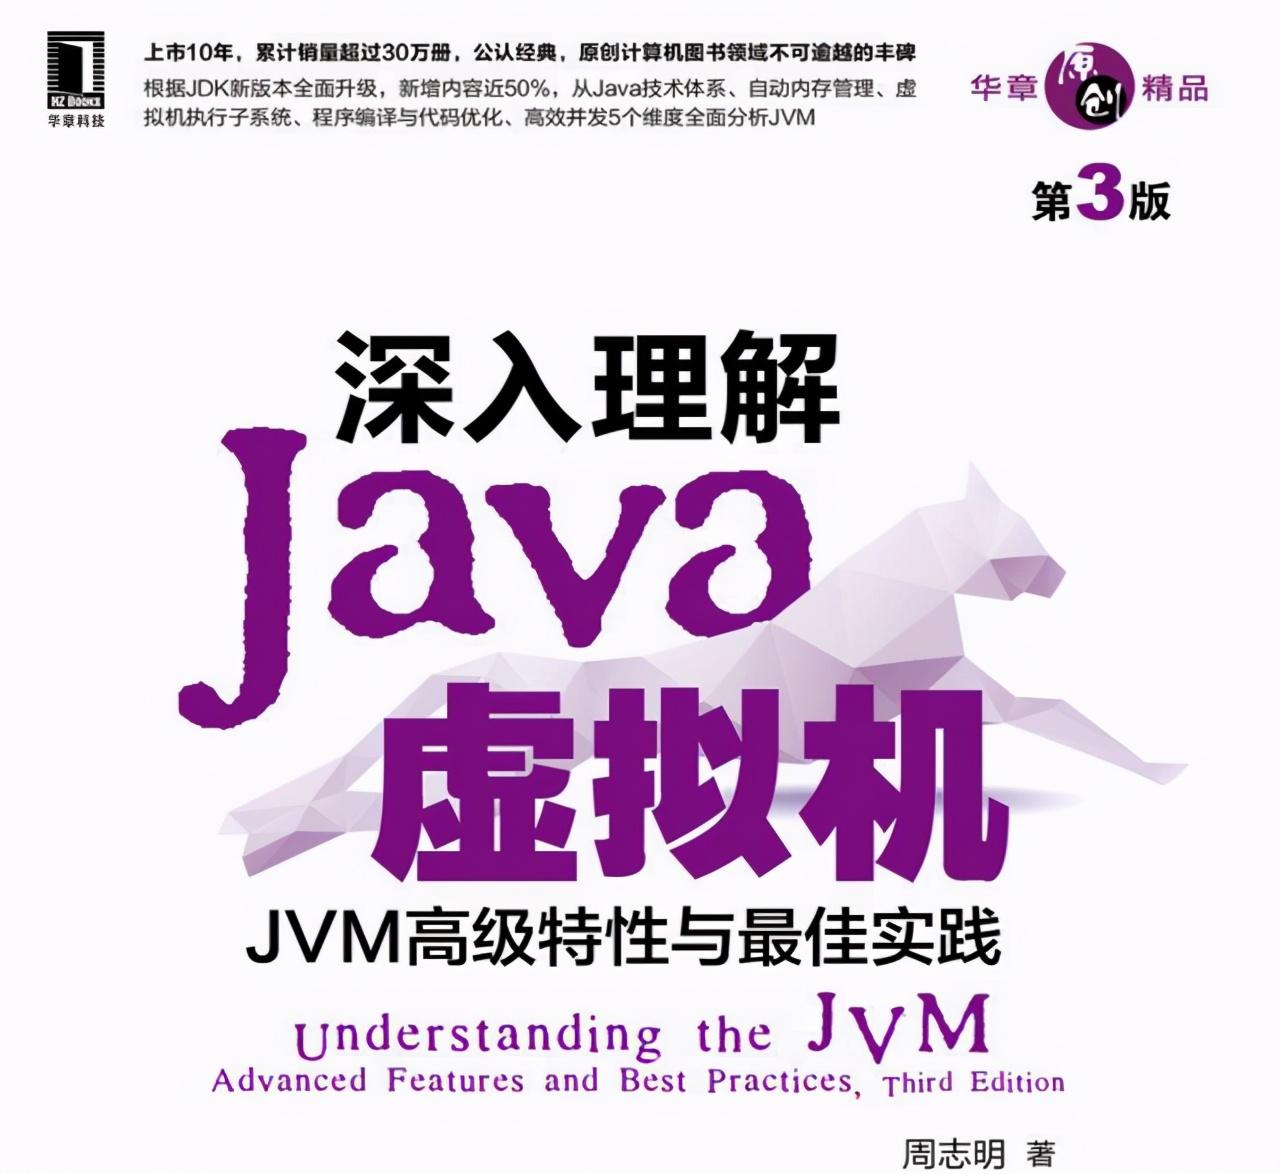 """吃透这份""""腾讯限量版""""Java架构笔记,要个40k不过分吧?"""